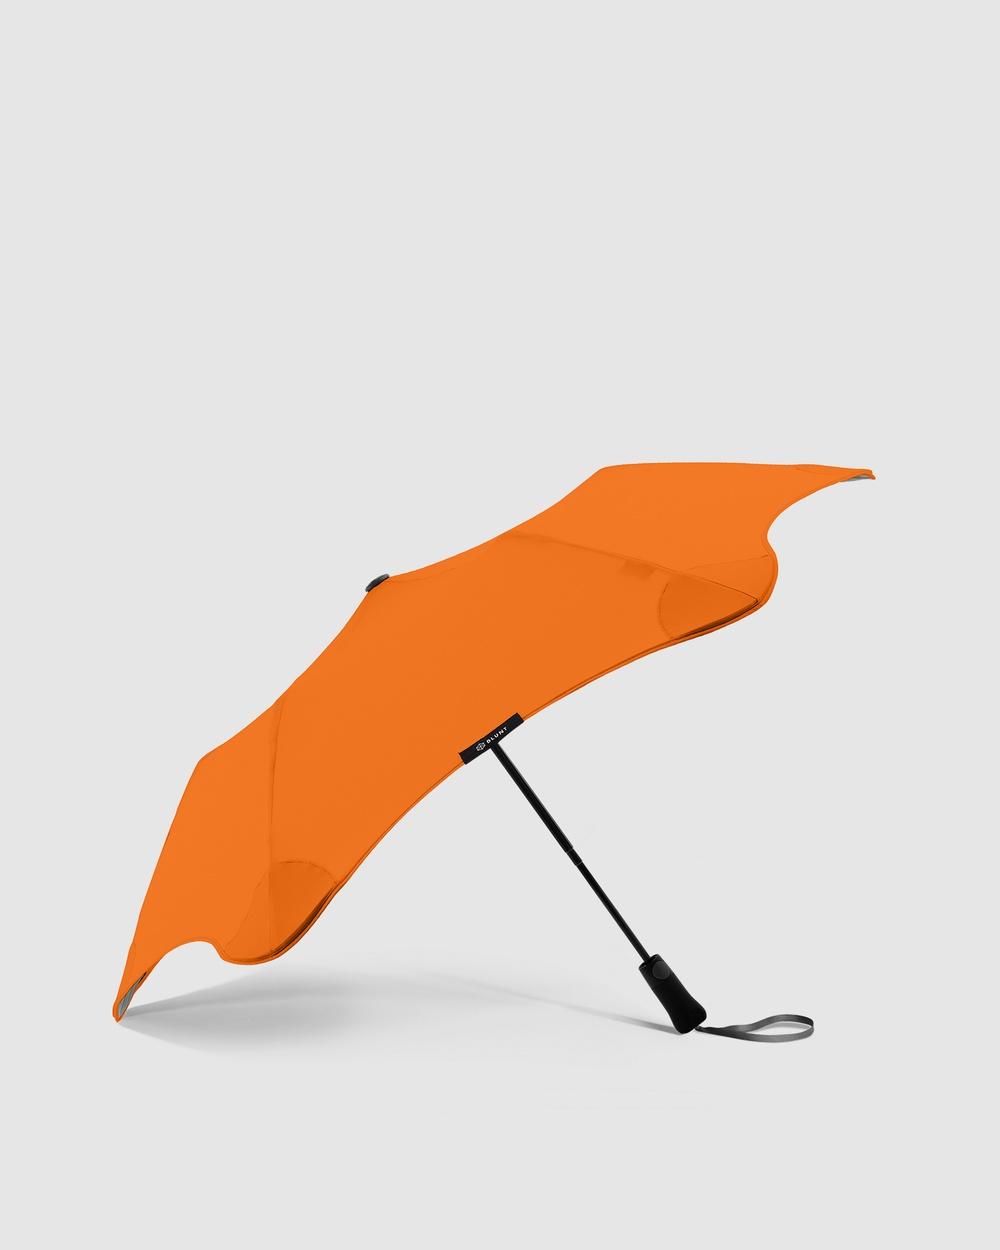 BLUNT Umbrellas Blunt Metro Umbrella Accessories Orange